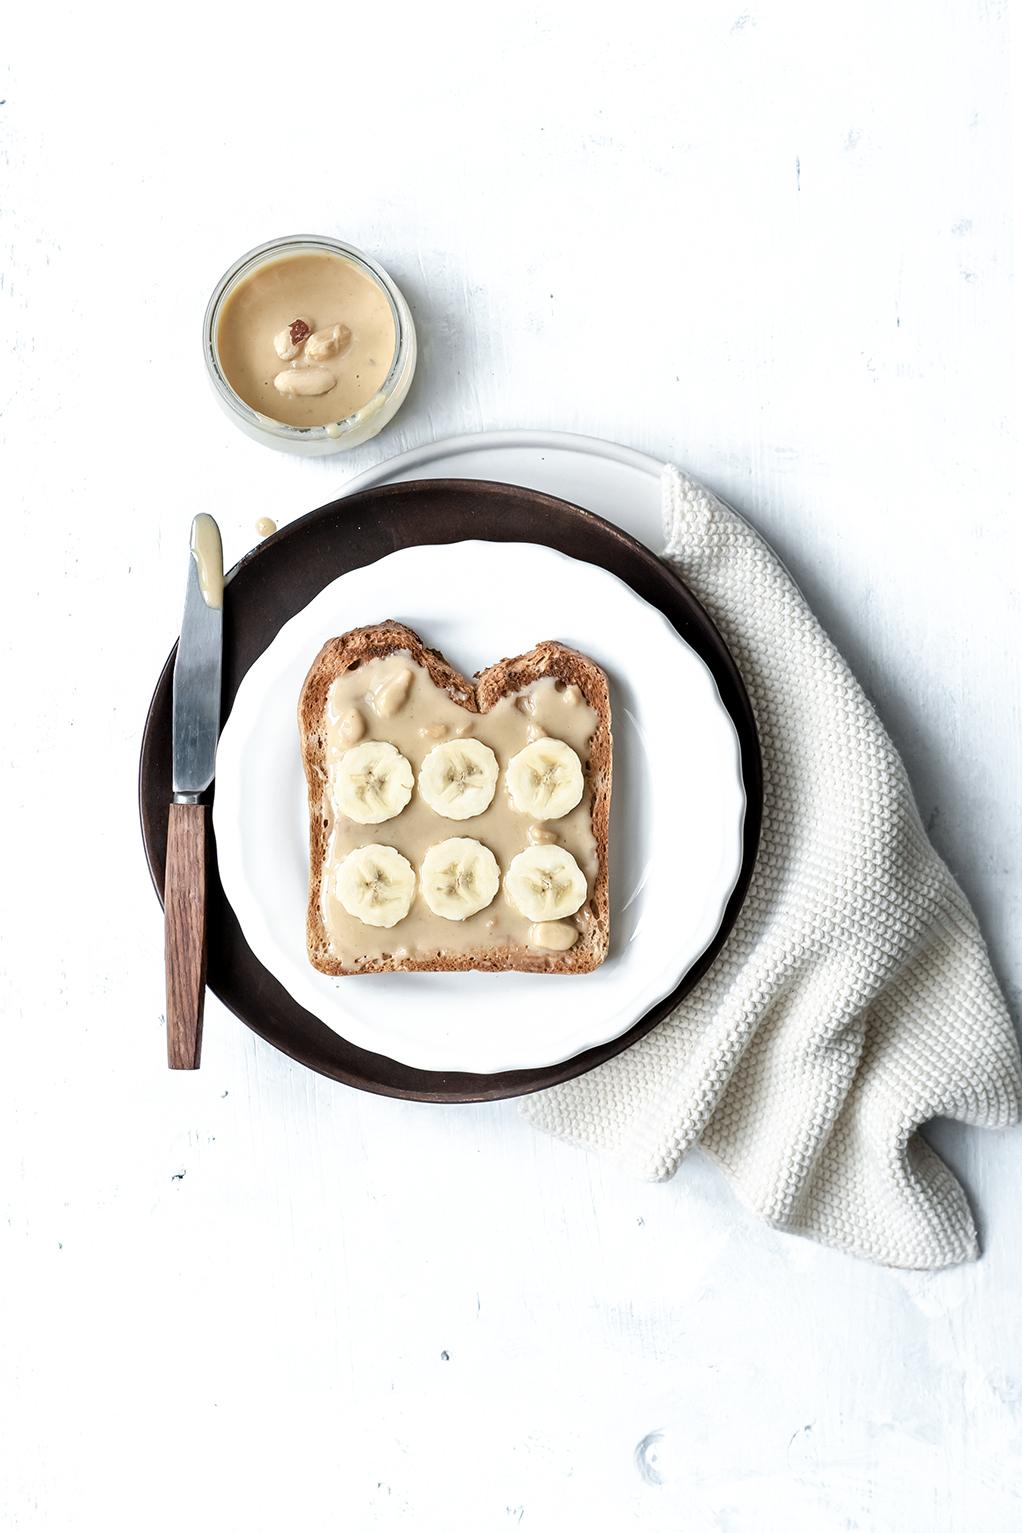 Brot mit Banane und Erdnussbutter auf einem Teller